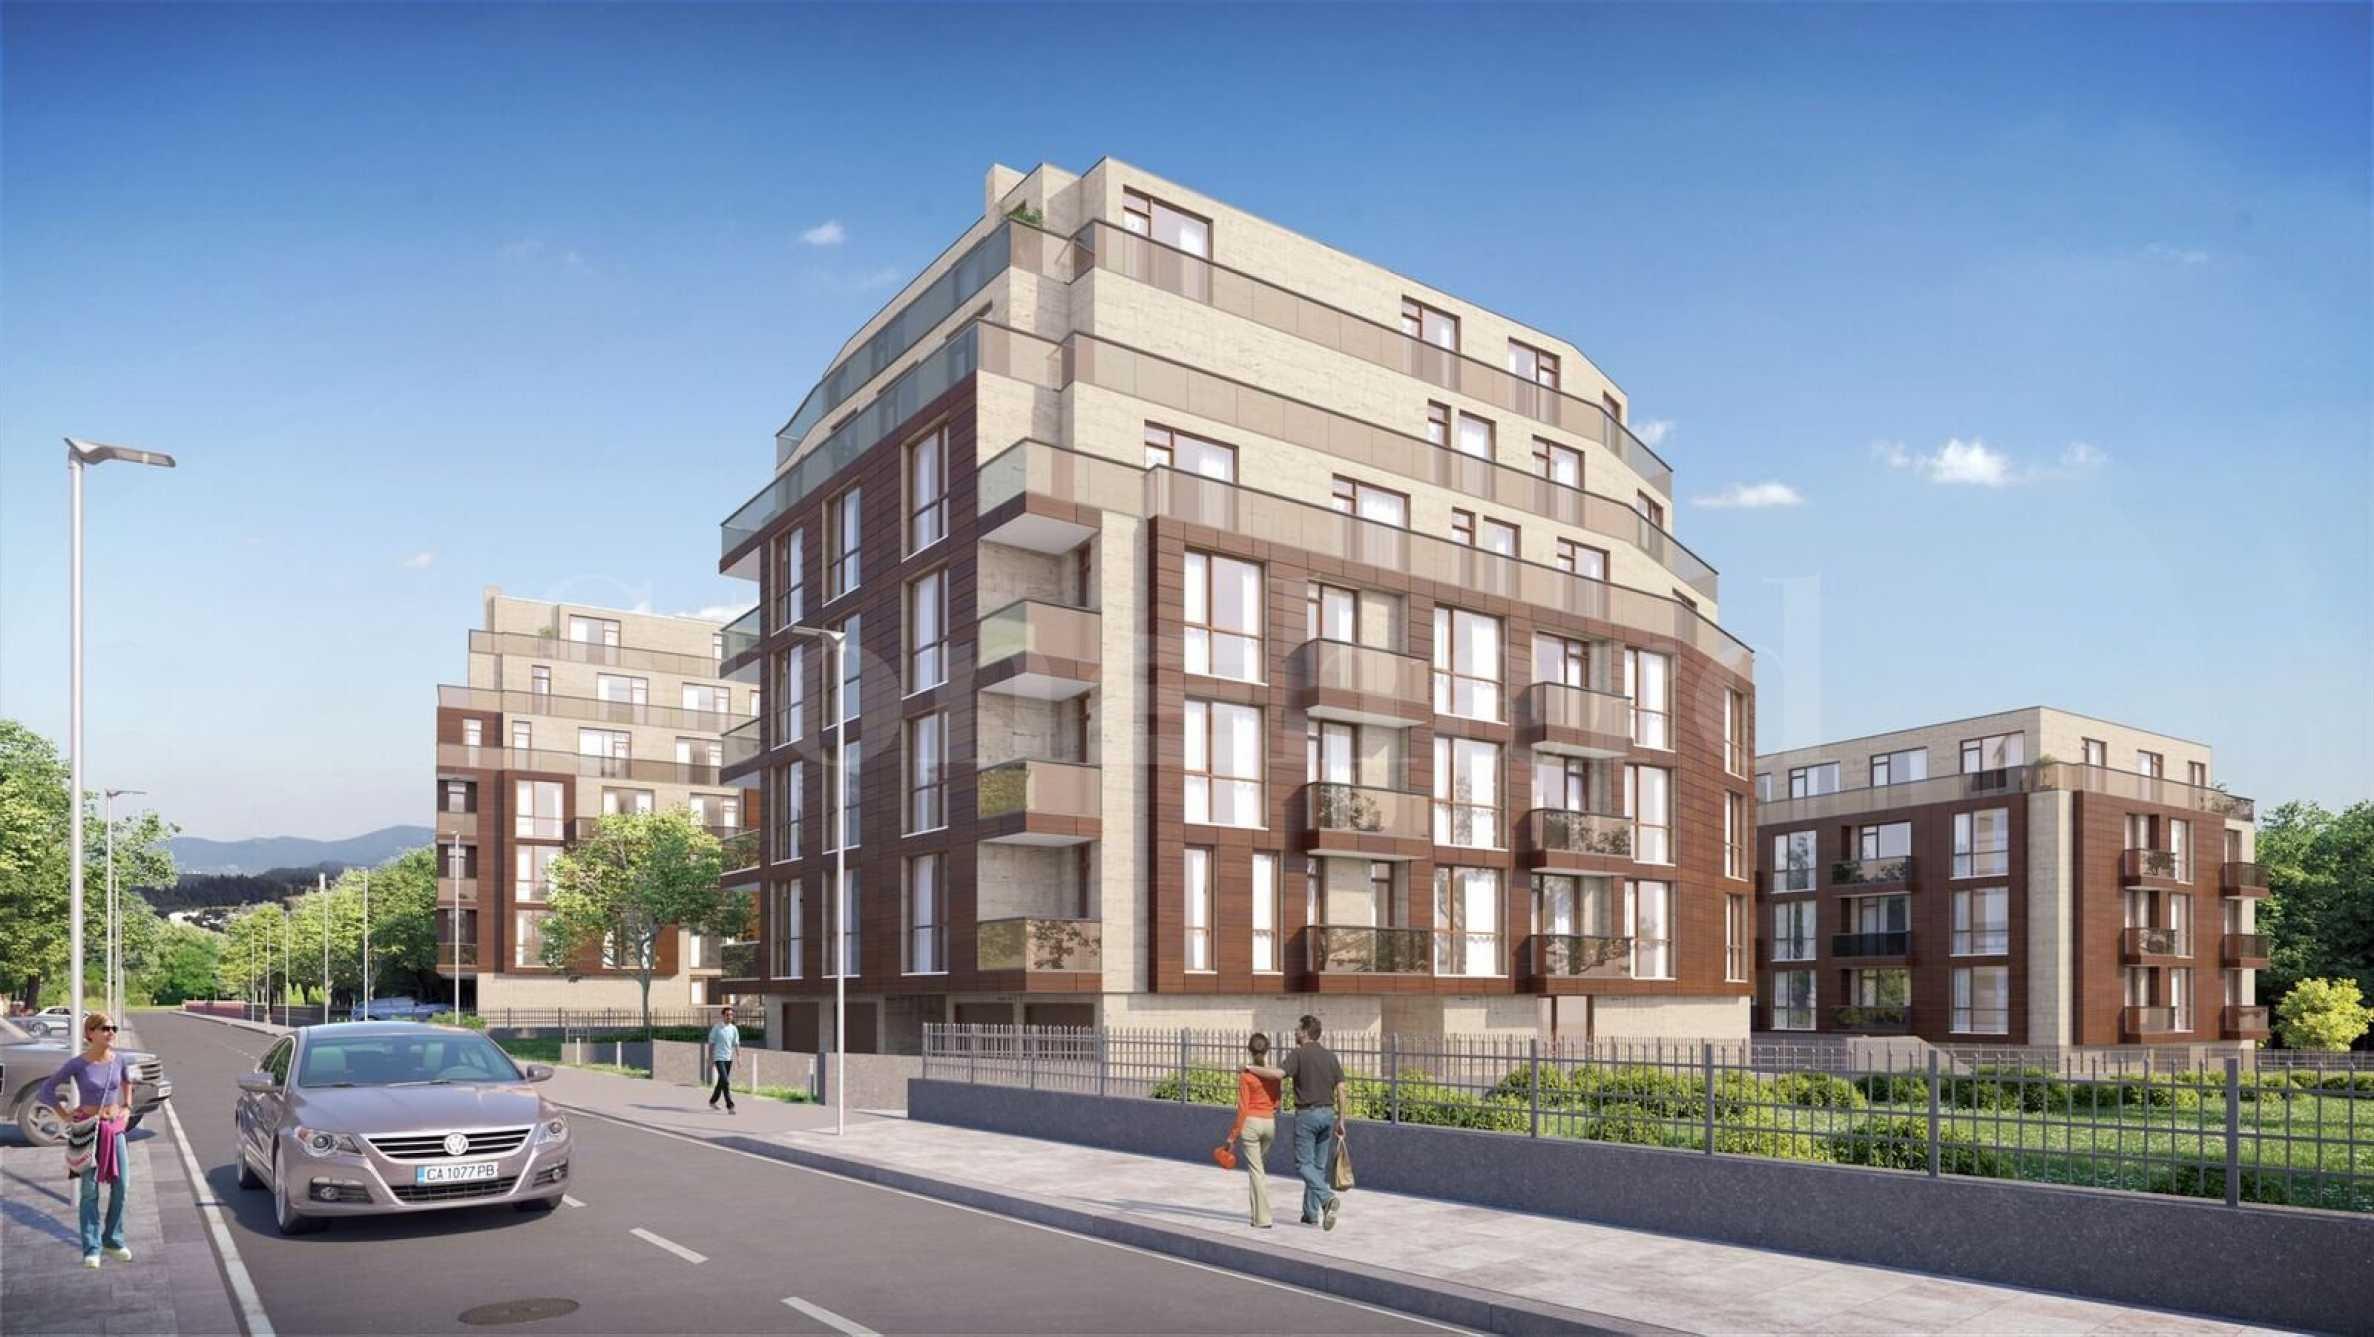 Нови апартаменти в луксозен комплекс в комуникативен квартал1 - Stonehard